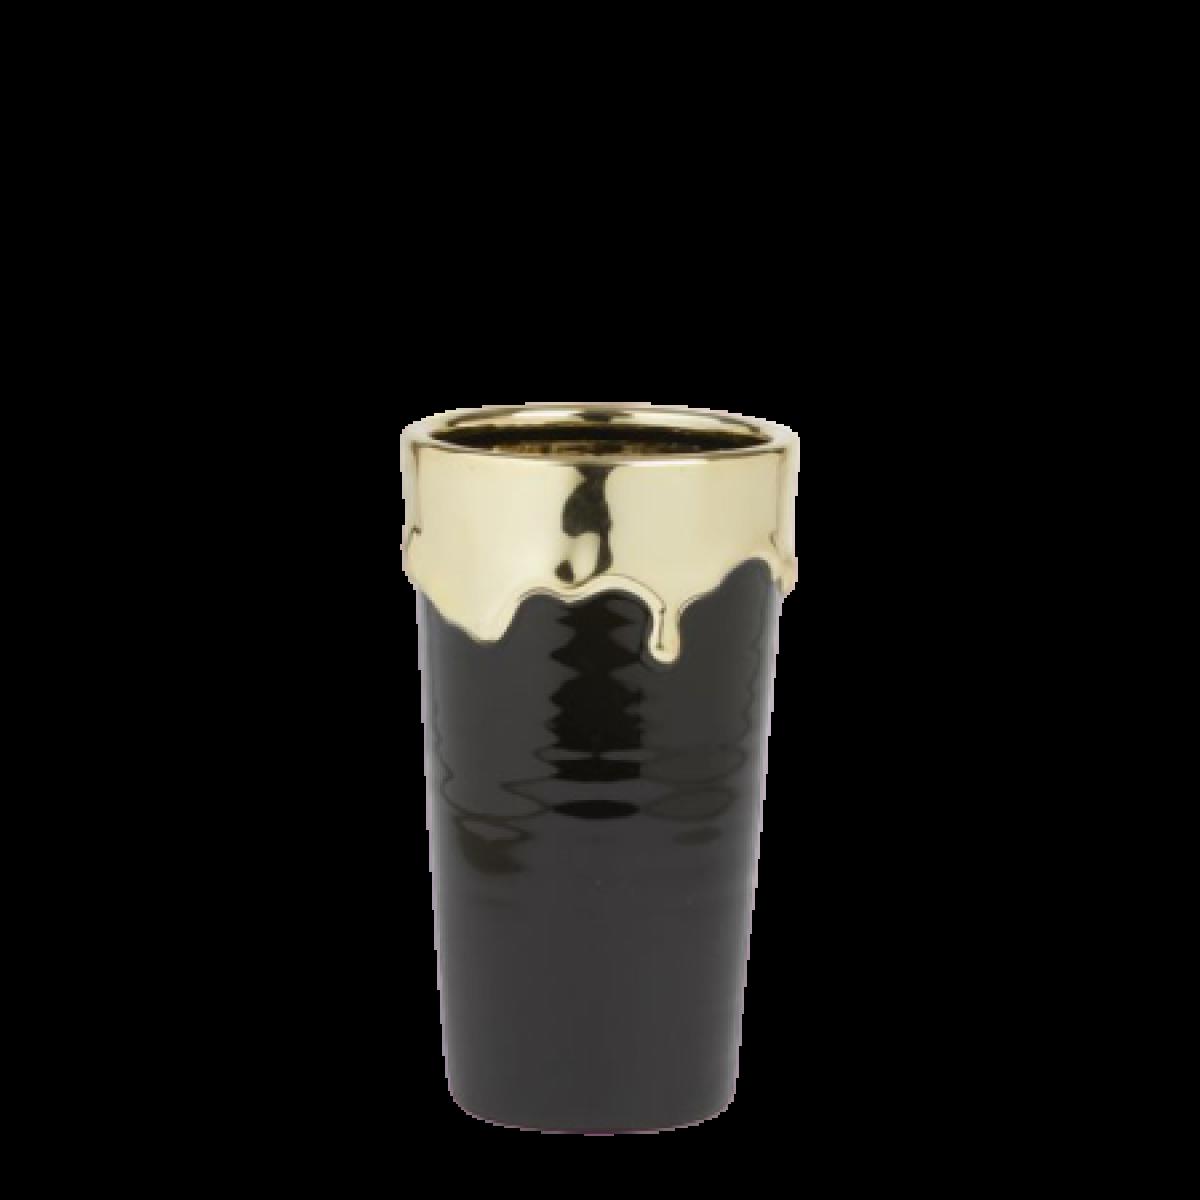 Abajo Black & Gold 12x20.5cm Ceramic Vase - 1 No